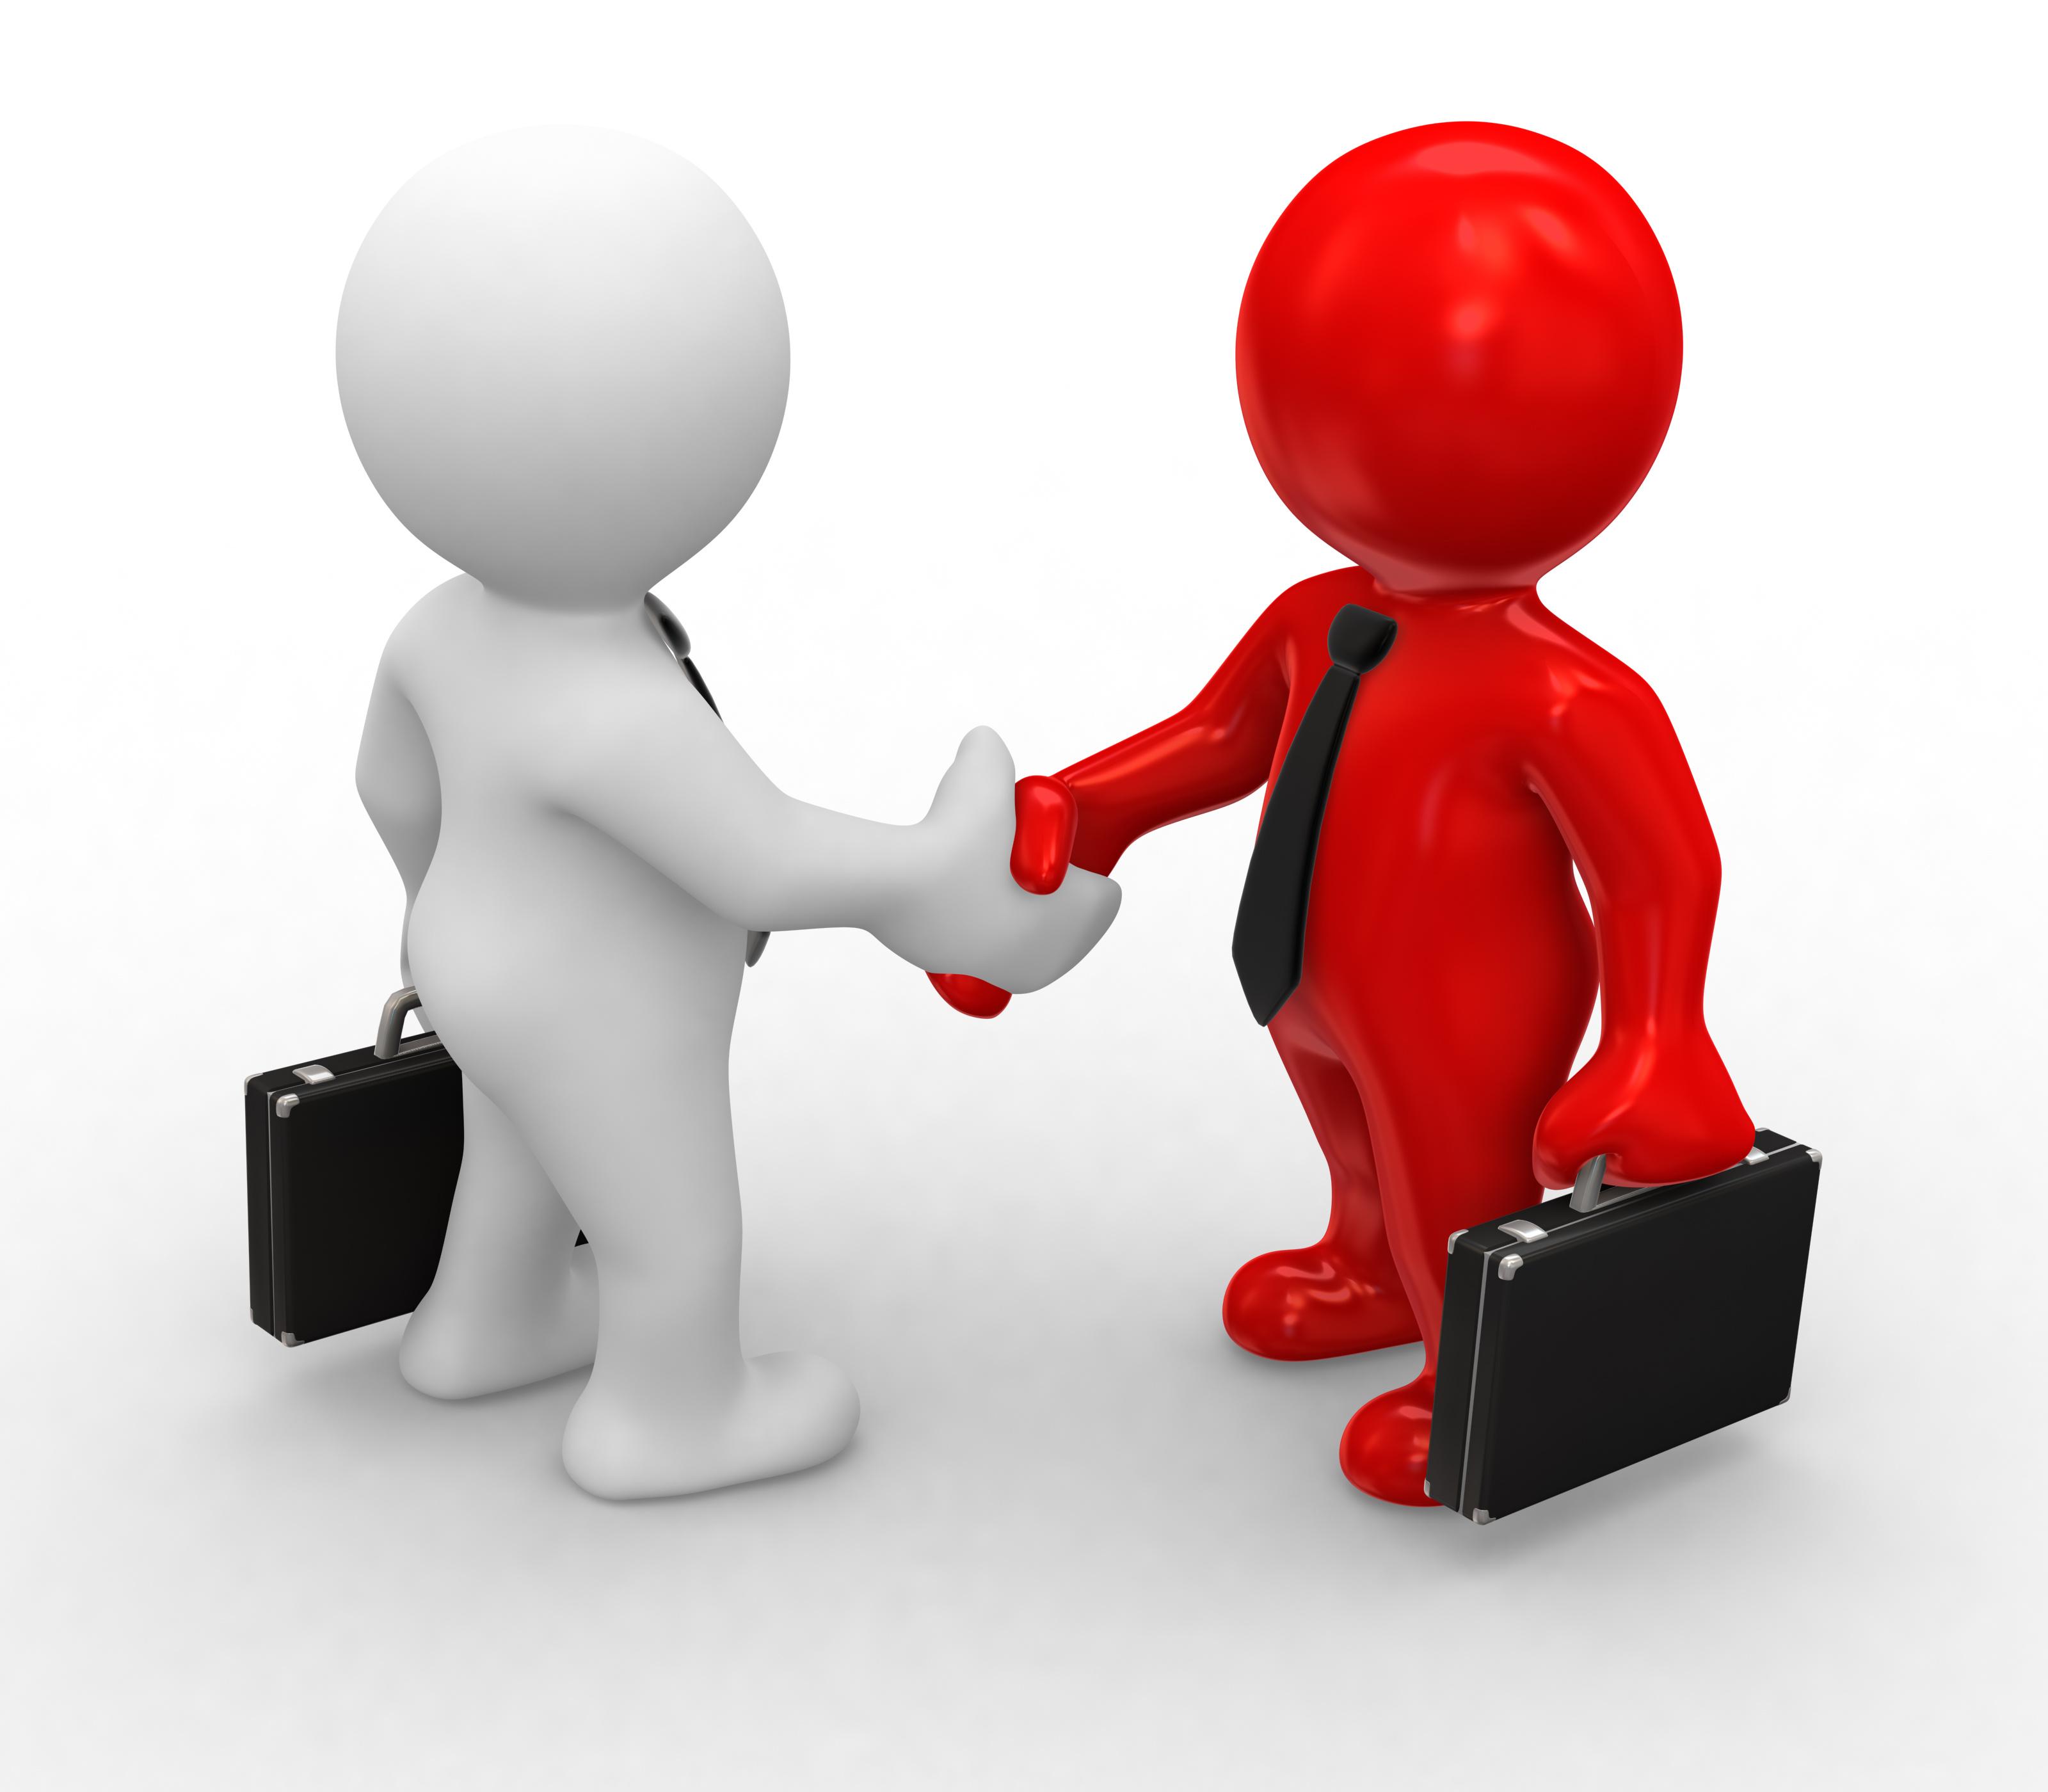 важно четко разделять дружбу и финансовые сделки